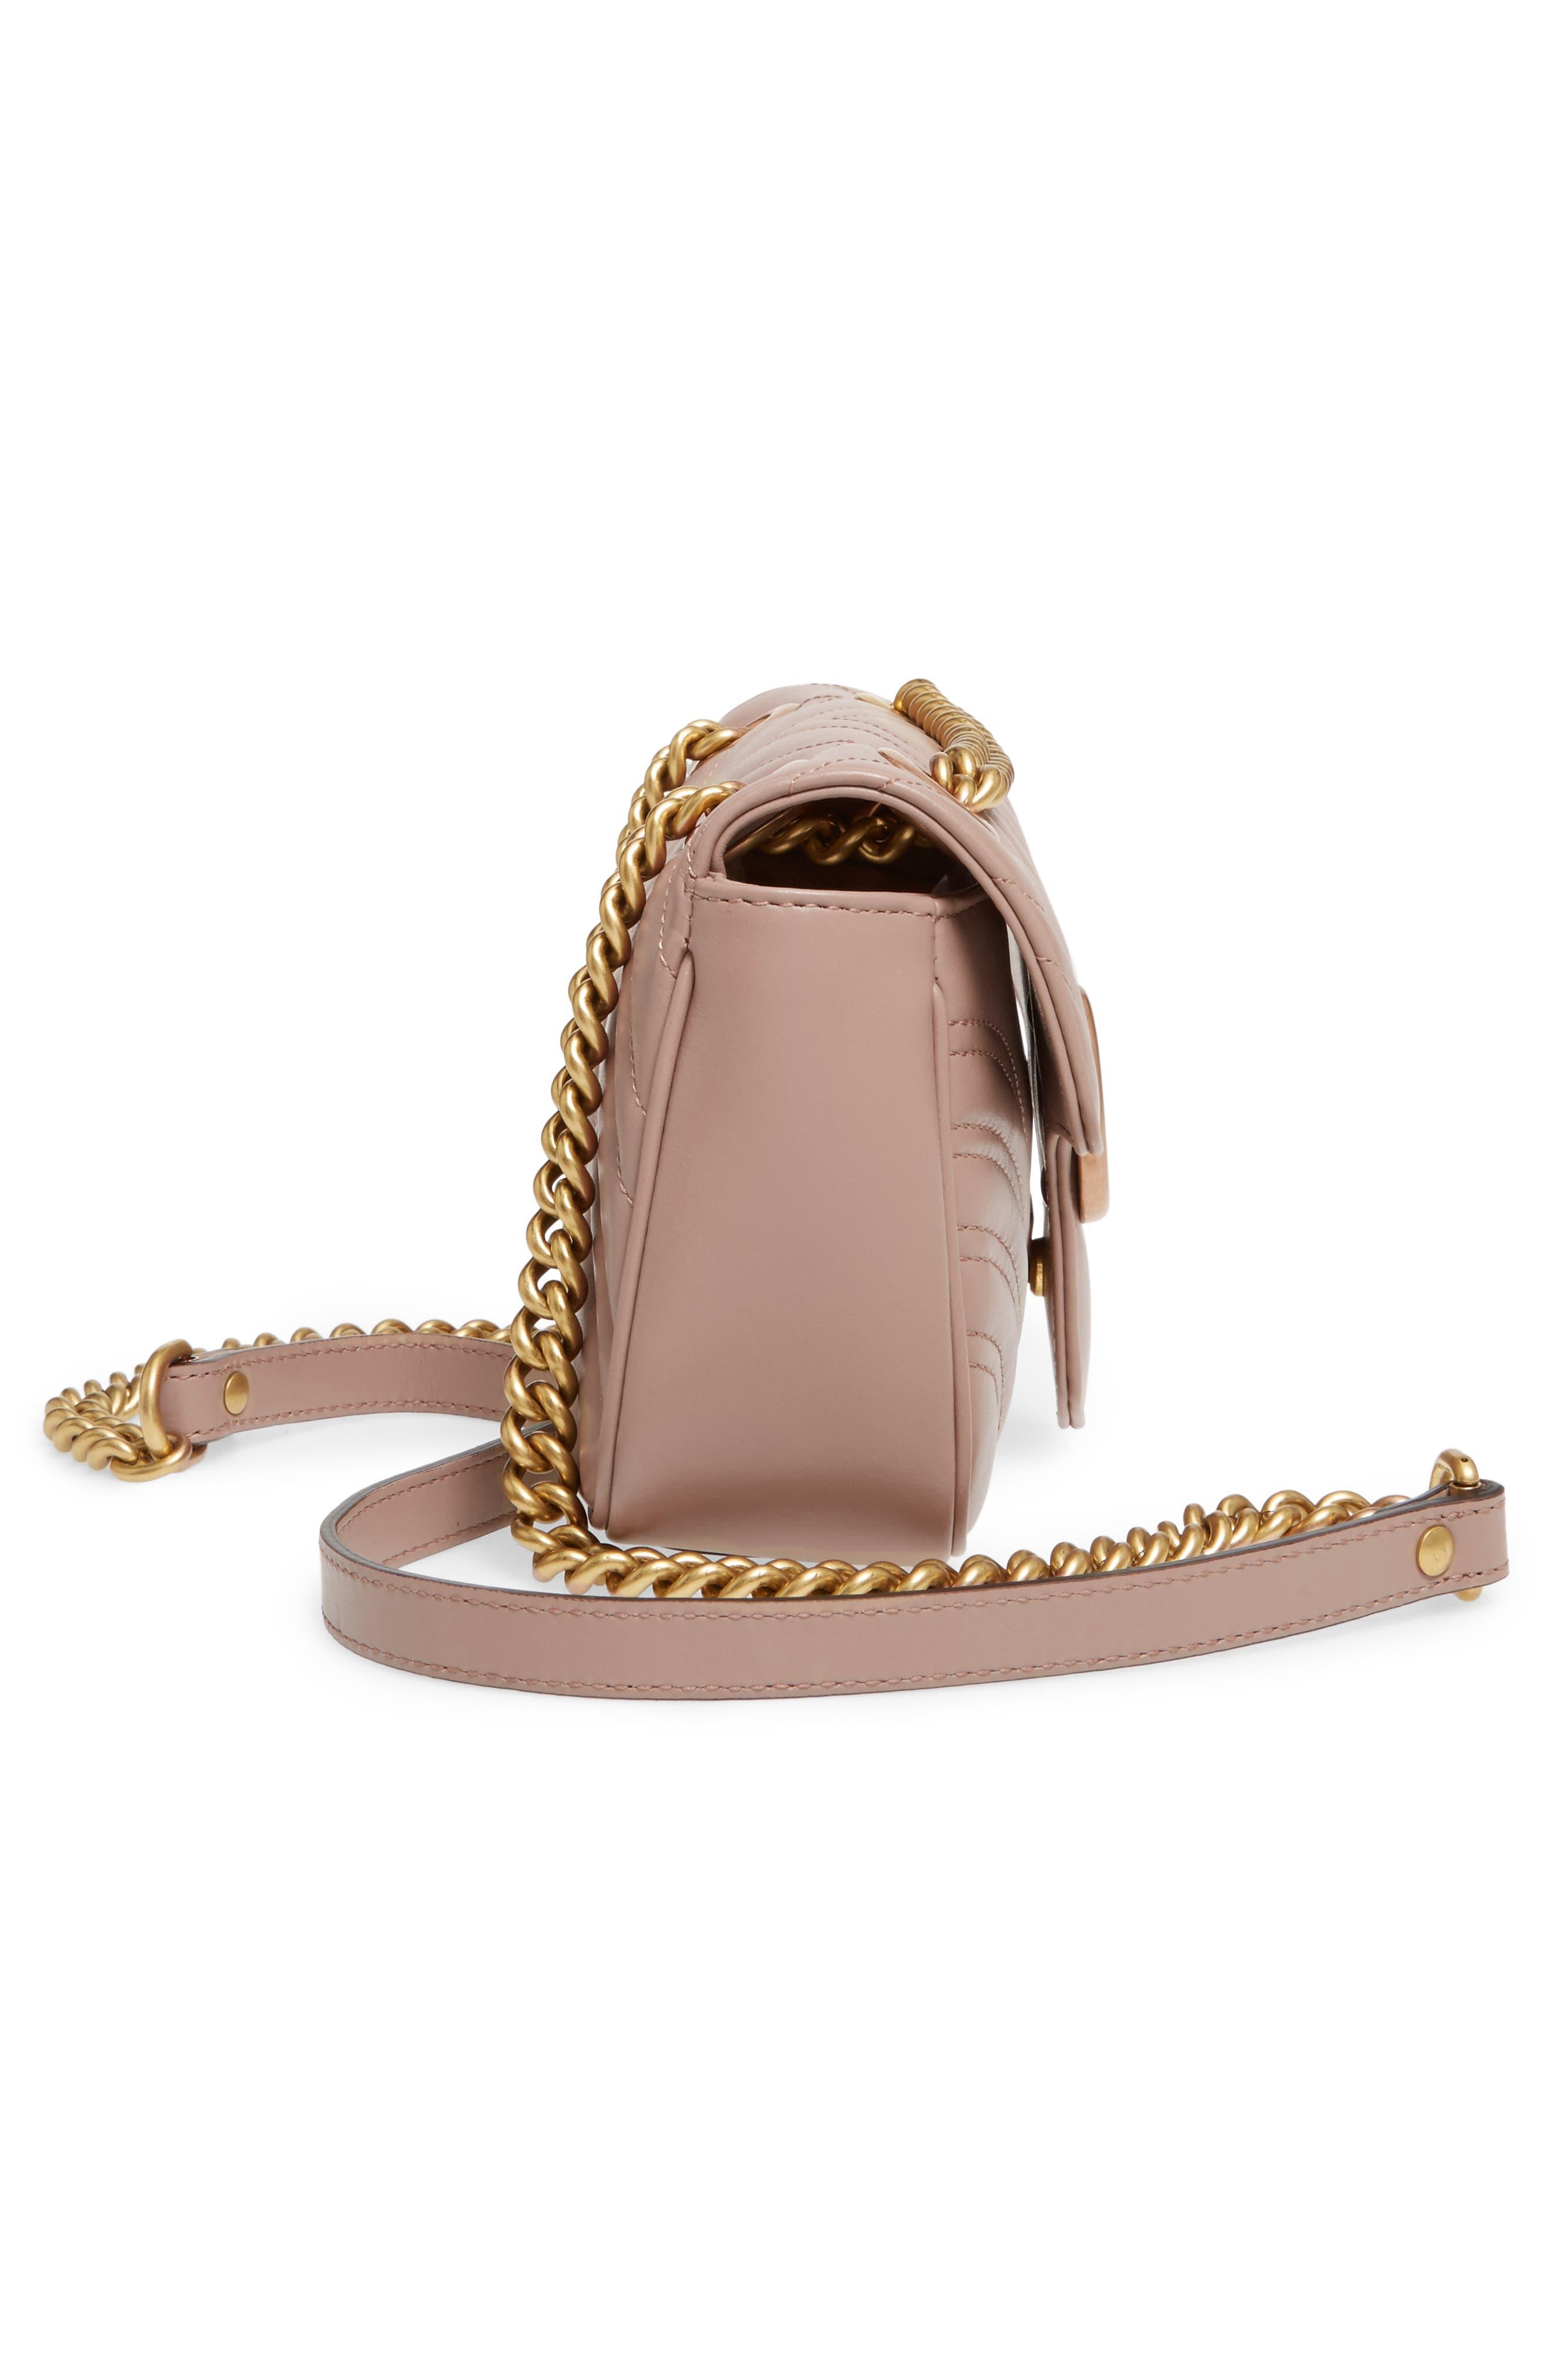 Mini GG Marmont 2.0 Matelassé Leather Shoulder Bag,                             Alternate thumbnail 3, color,                             Porcelain Rose